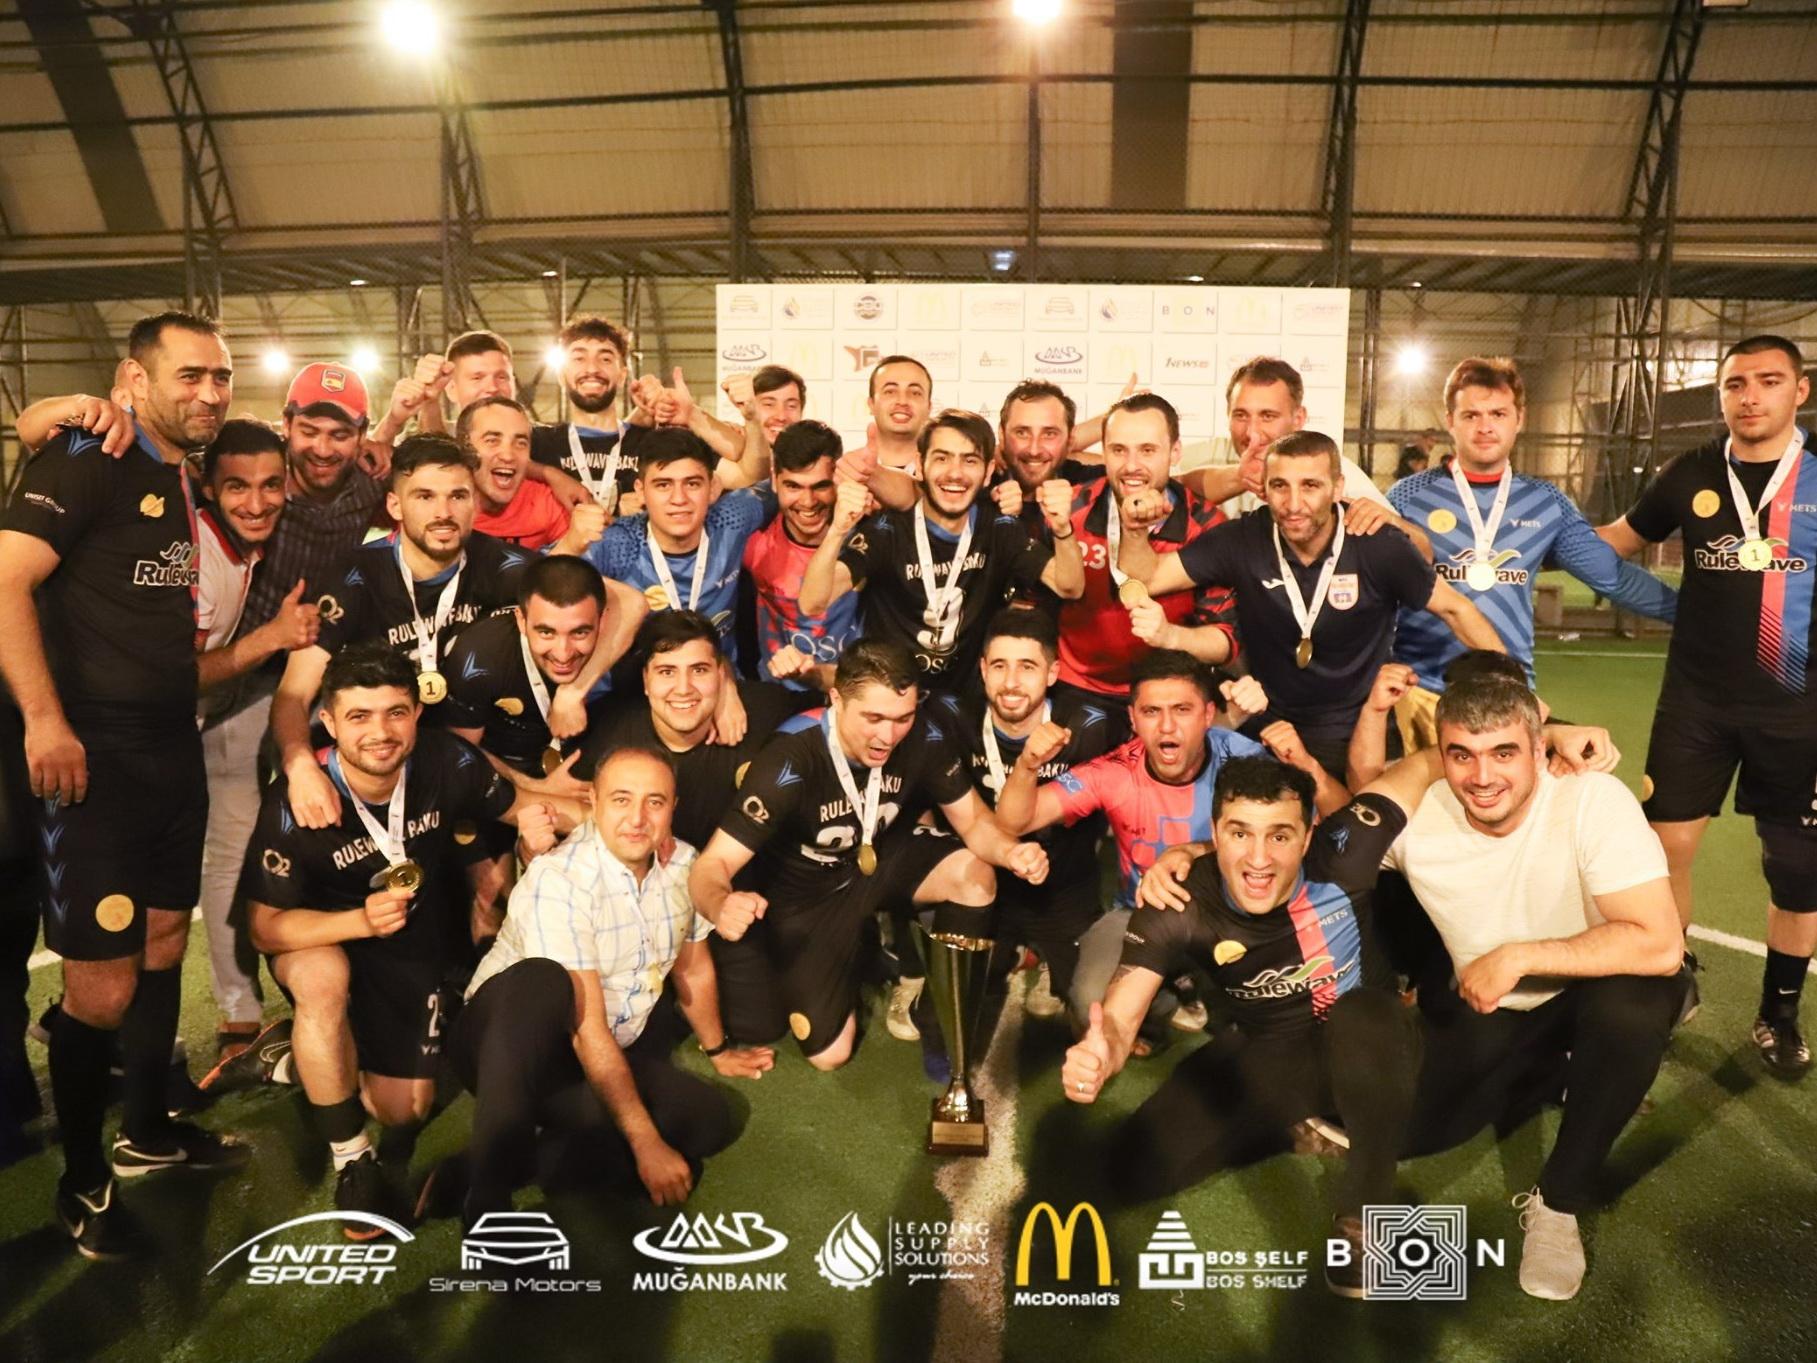 MFL-in ən maraqlı mövsümü və Rulewave Baku-nun çempionluğu haqqında – FOTO – VİDEO